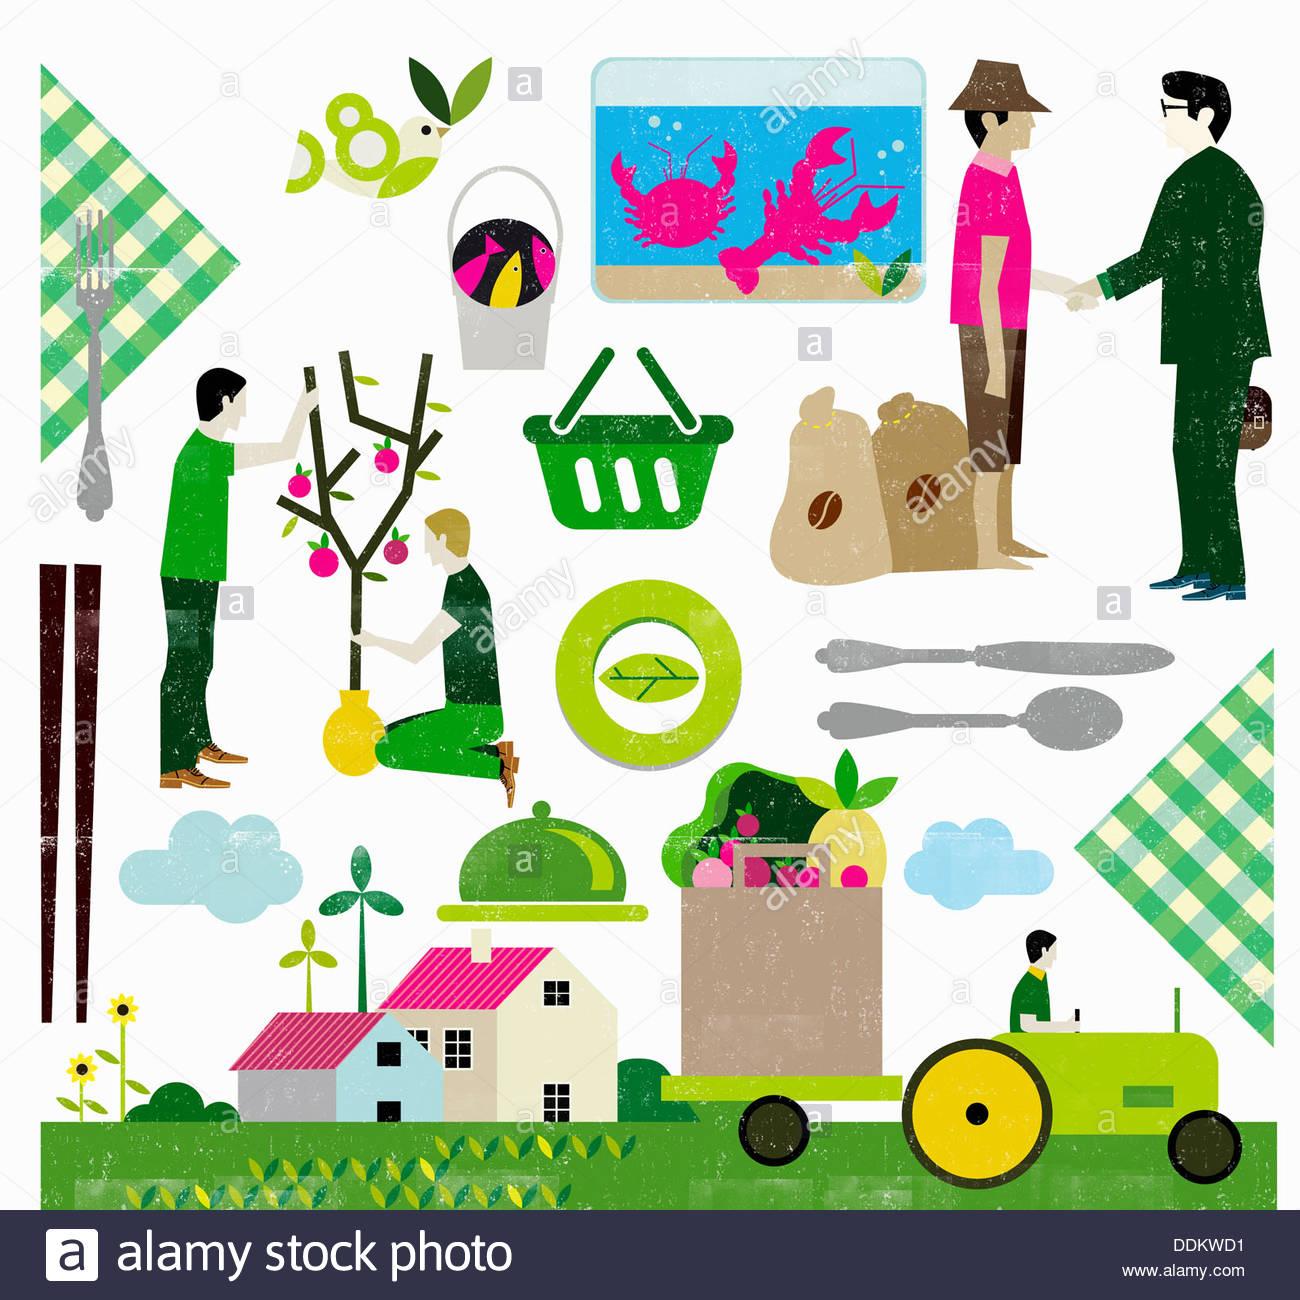 Herstellung von Öko-Lebensmitteln Stockbild